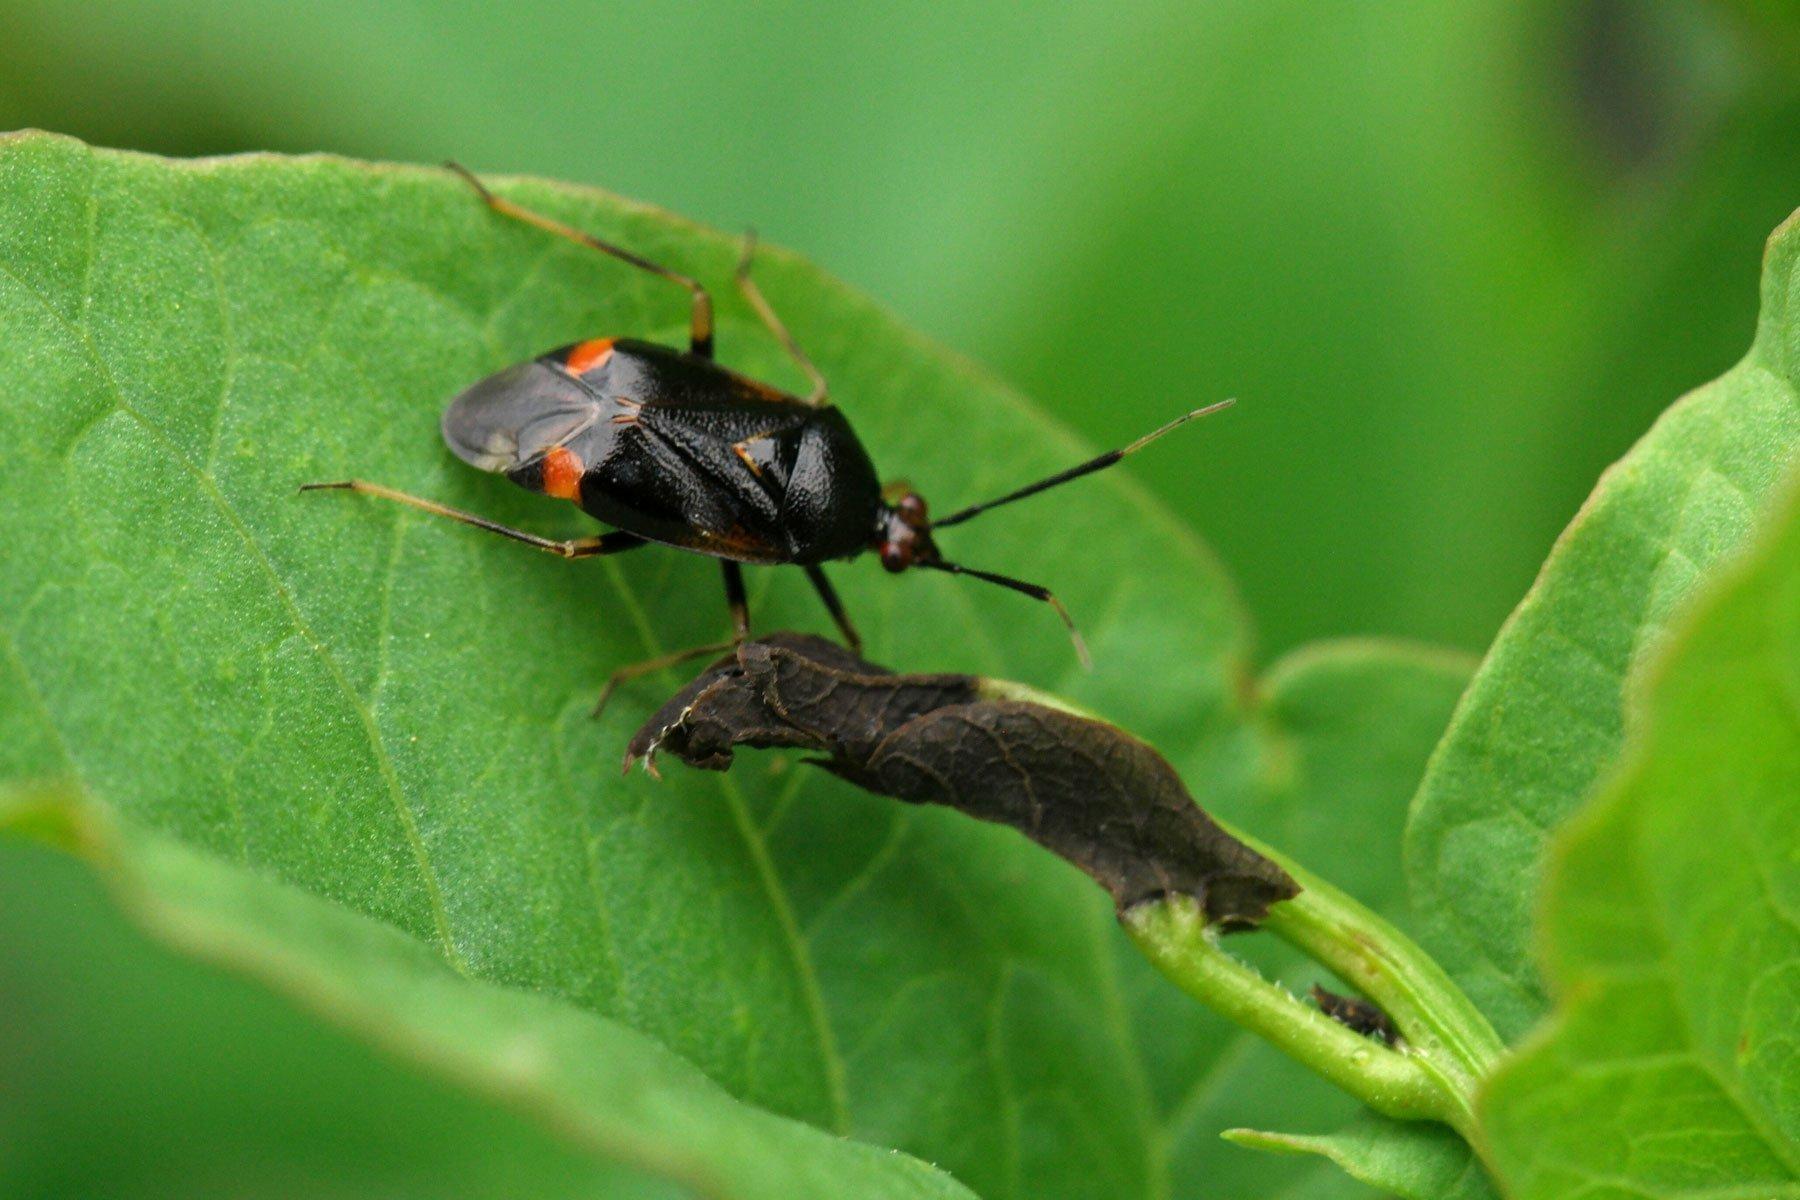 Deraeocoris ruber schwarz